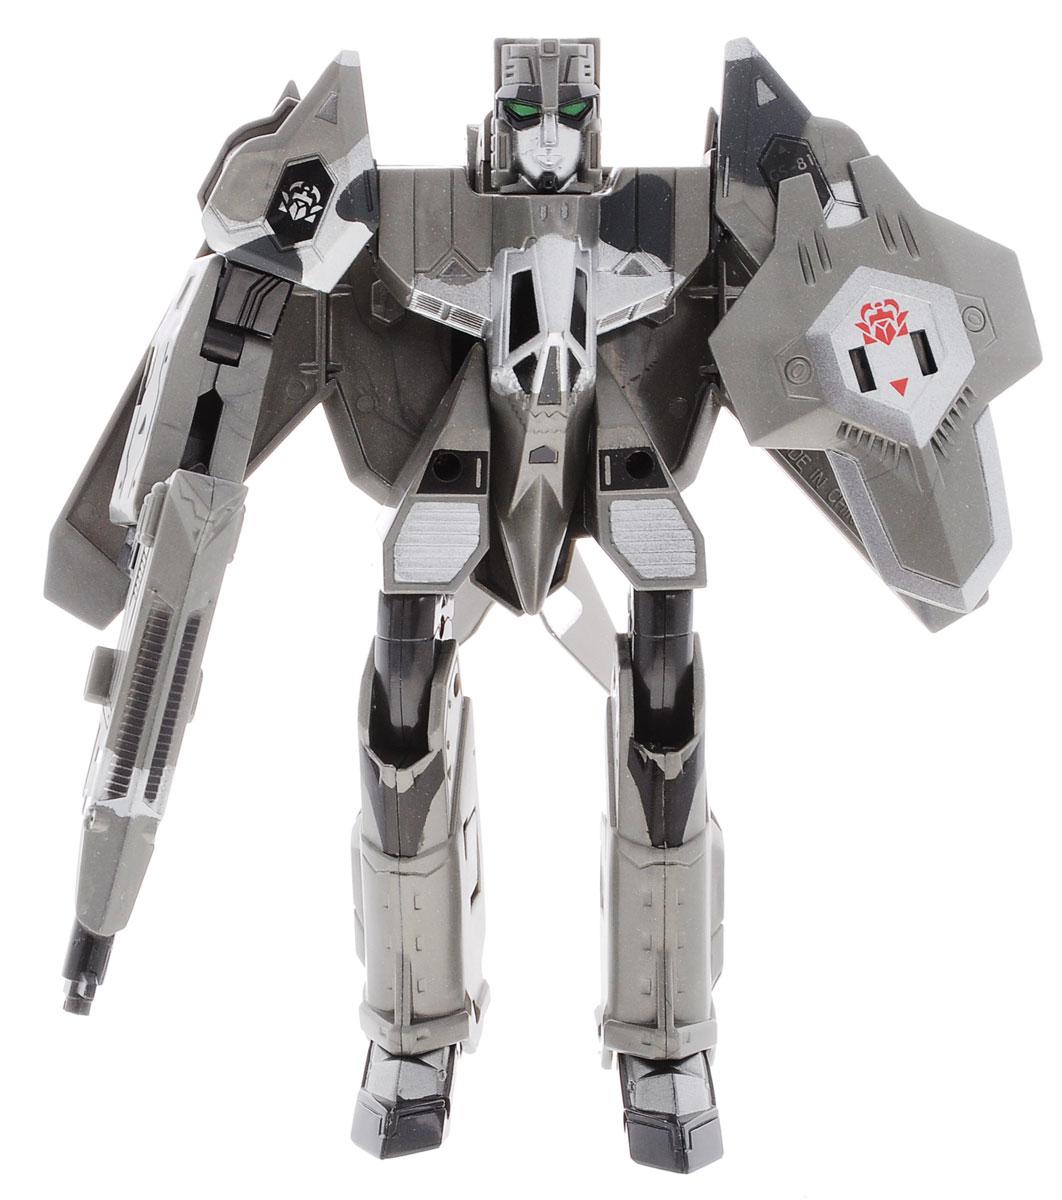 Happy Well Трансформер Xbot-Самолет-истребитель20781Оригинальный робот-трансформер Xbot-Самолет-истребитель порадует вашего ребенка и надолго займет его внимание. Он выполнен из прочного пластика черного и серебристого цветов. Конструкция робота имеет подвижные соединения, благодаря чему ему можно придавать различные позы. Этот необычный робот-трансформер имеет целых три формы трансформации. В первой форме он представляет собой мощного боевого робота. В комплекте идет игрушечный бластер и щит, которые он может взять в руки. Во второй форме трансформер превращается в Аэробота - самолет с механическими ногами. Наконец, последняя форма - это военный истребитель. Проявив свою конструкторскую смекалку, юный любитель техники сможет превратить грозного футуристического воина в точную модель современного боевого самолета-истребителя. Тщательная детализация и оригинальный дизайн подарят мальчишке множество минут увлекательной игры. Превратить робота в транспортное средство поможет пошаговая иллюстрированная инструкция. ...